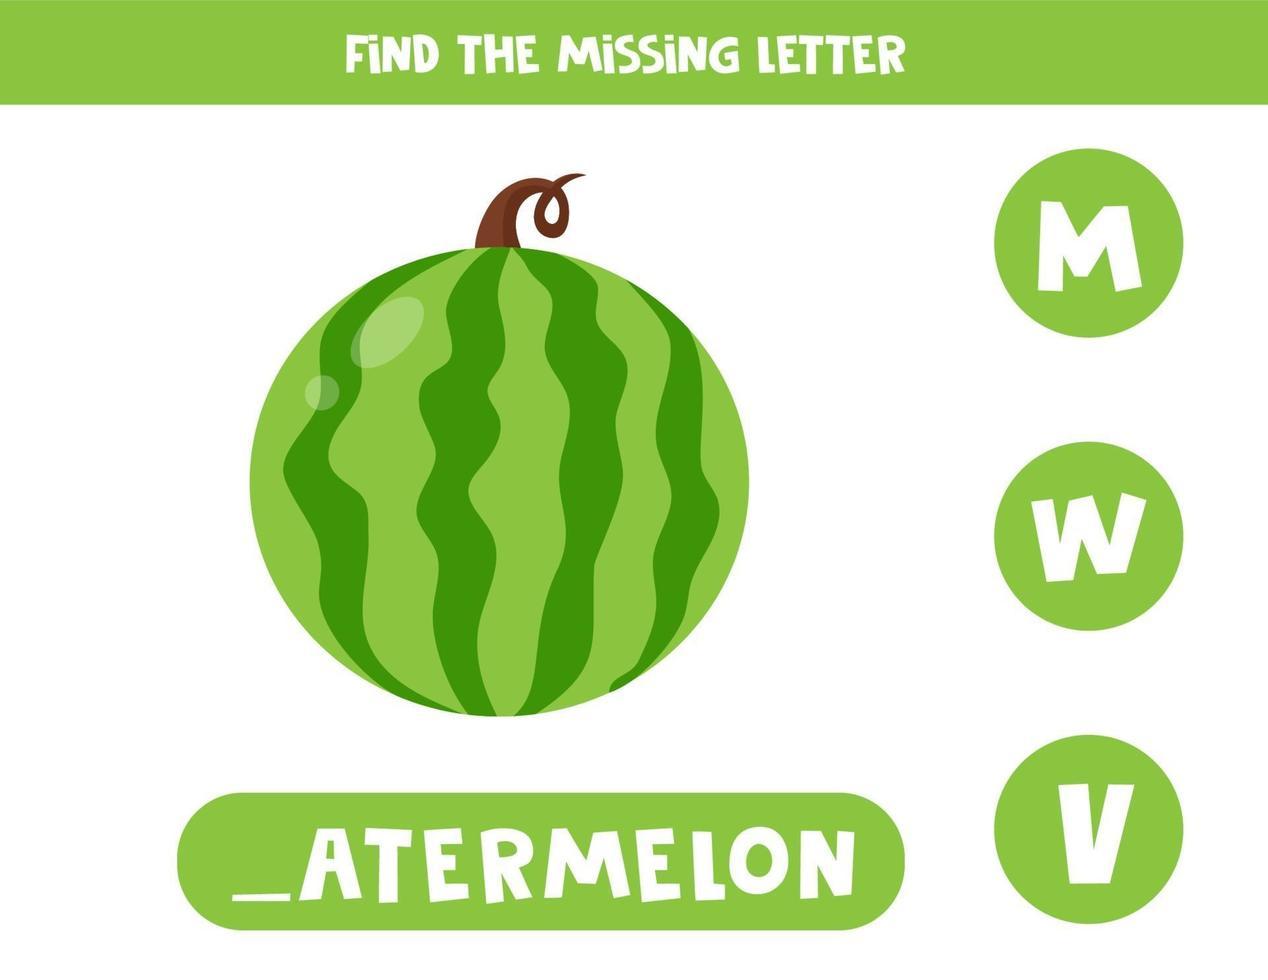 Finde den fehlenden Brief und schreibe ihn auf. süße Cartoon Wassermelone. vektor